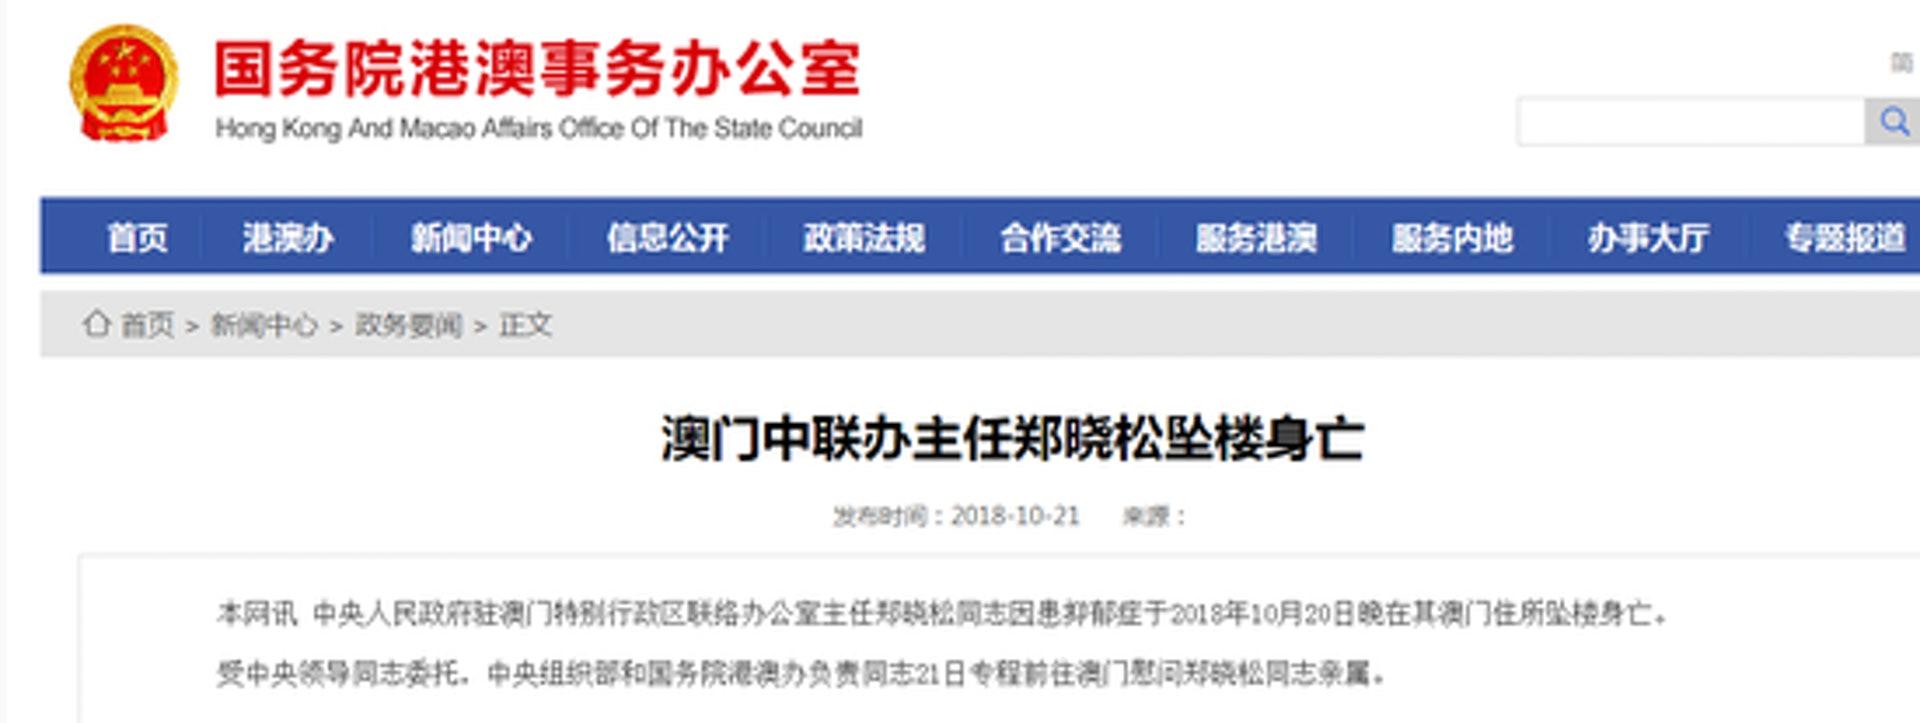 國務院港澳事務辦公室官網發布的消息。(網站截圖)